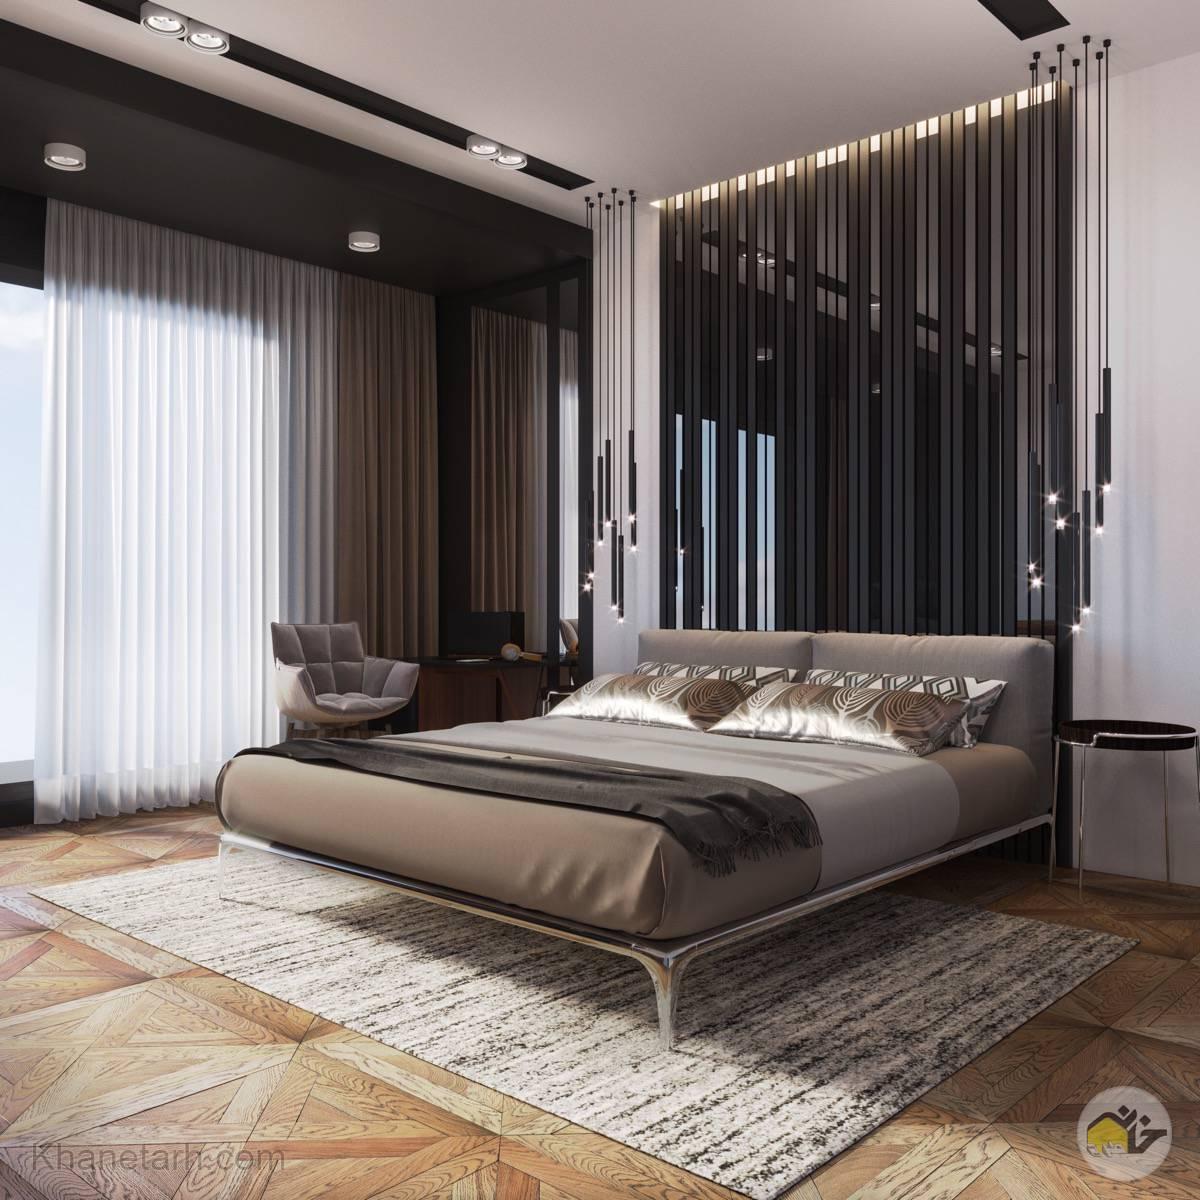 عکس طراحی اتاق خواب لوکس